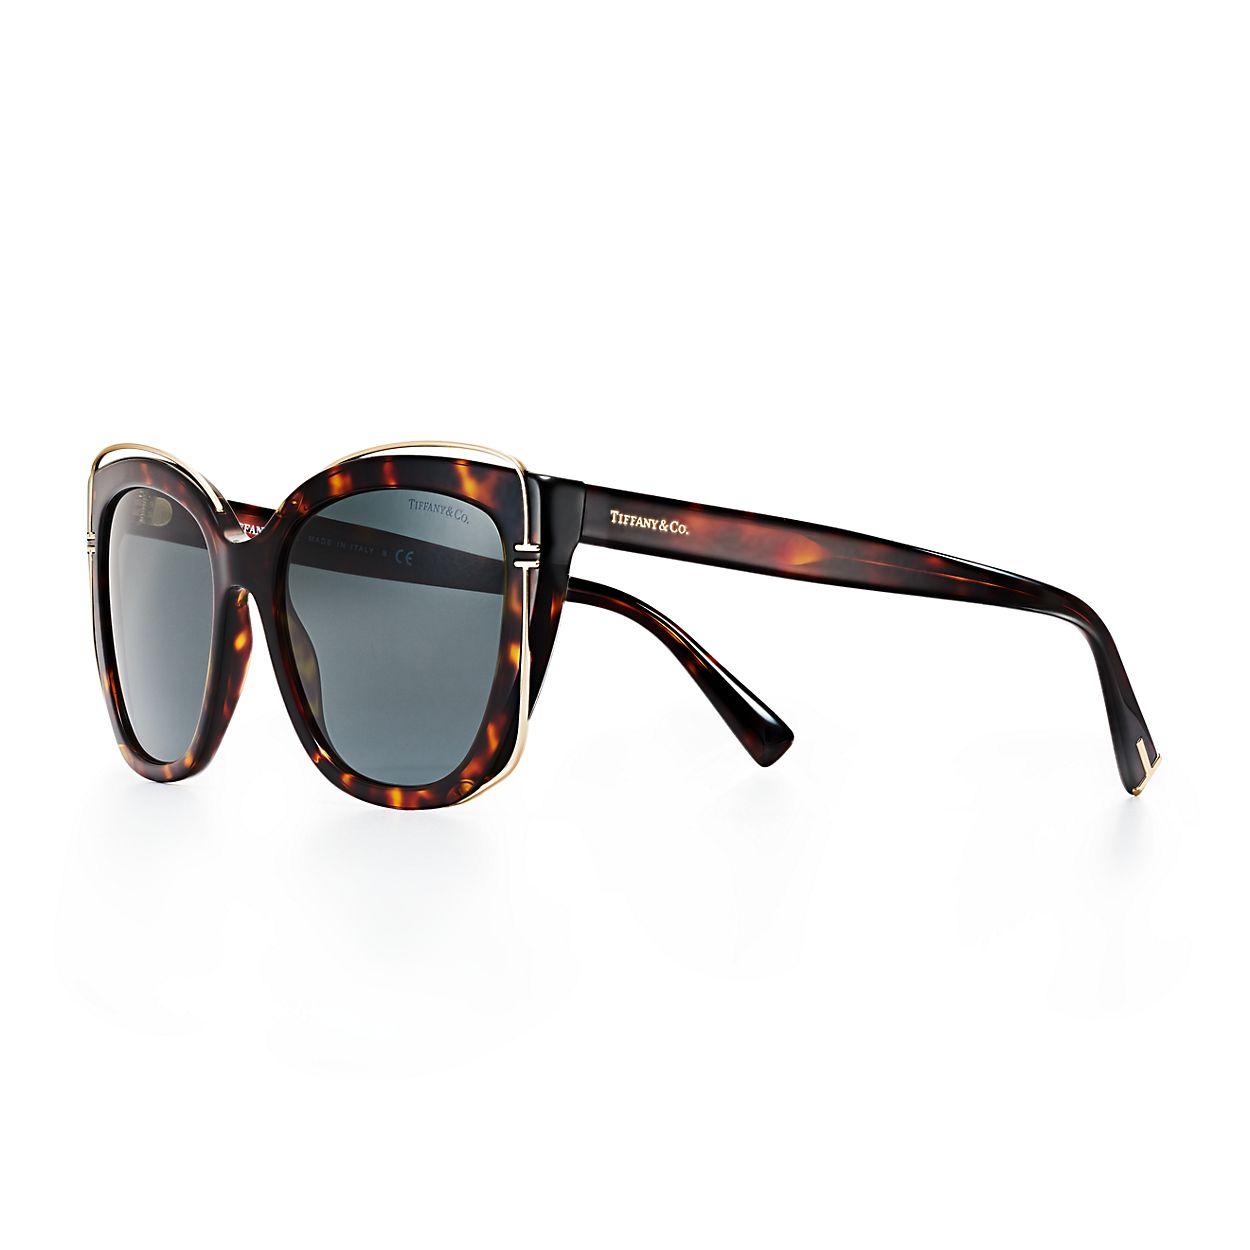 104bba7b2ca ... Tiffany T Gafas de sol de ojos de gato